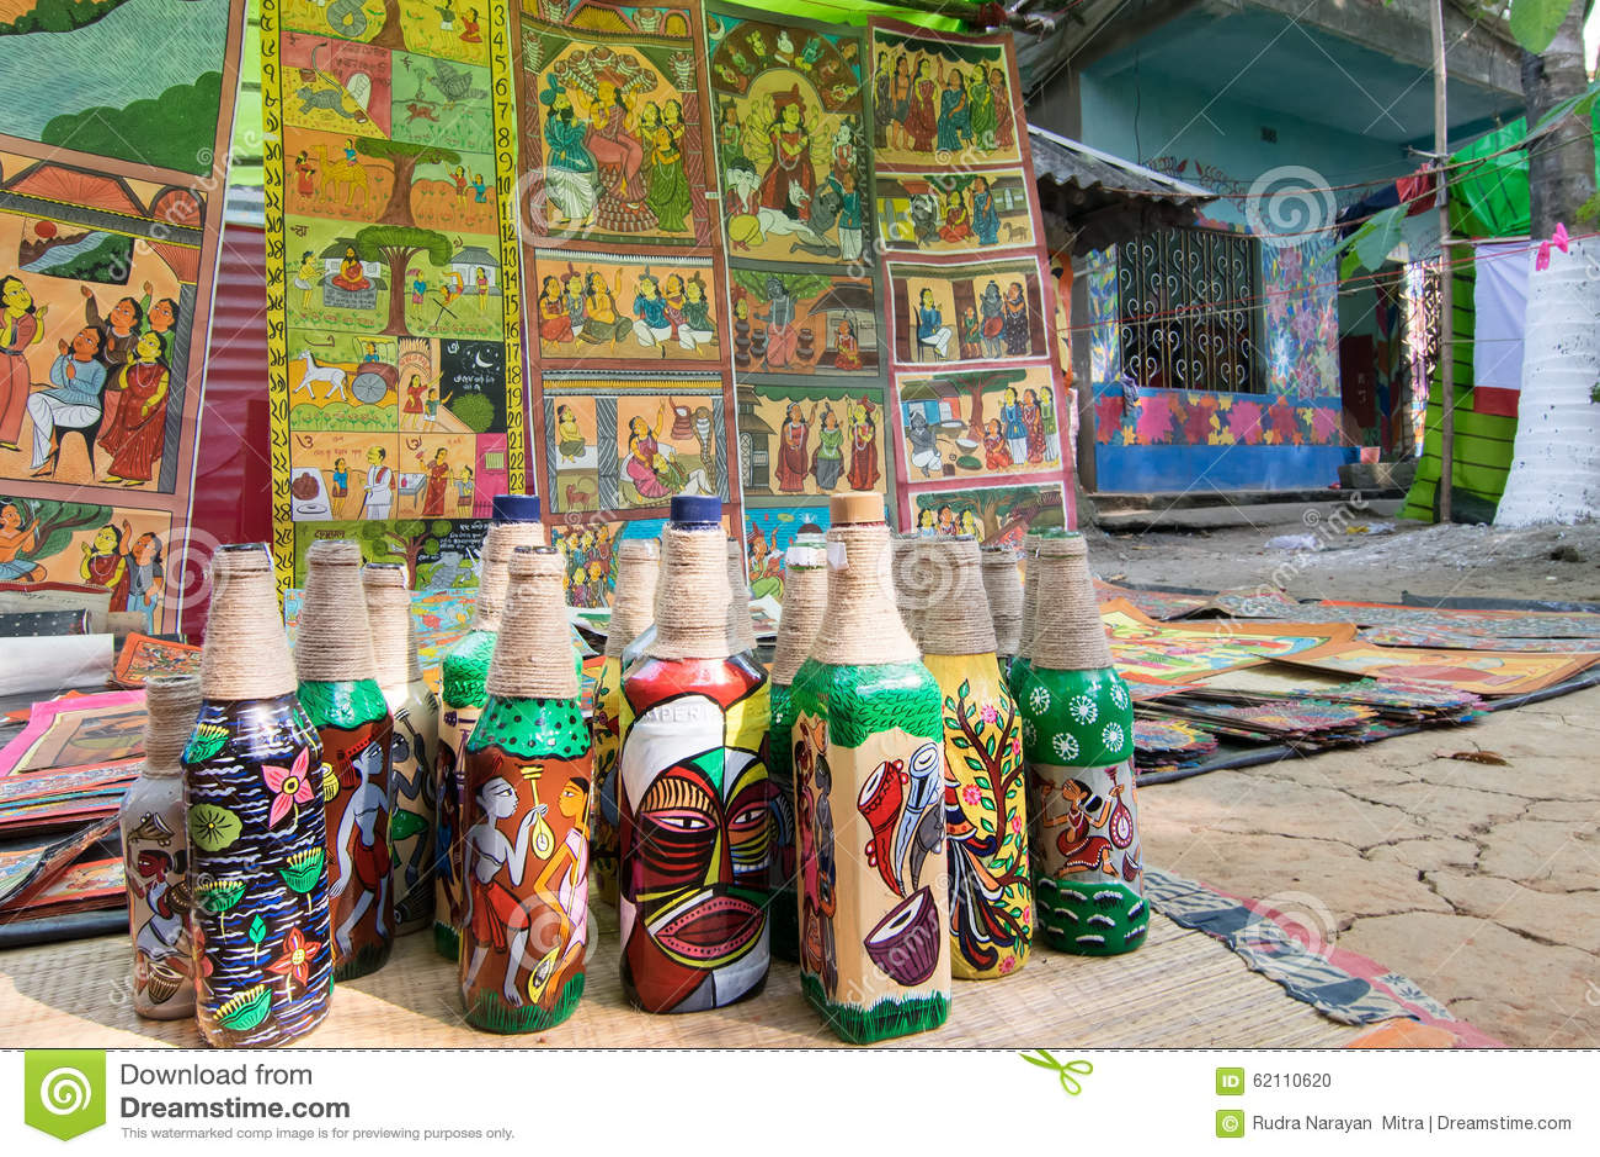 Hemslöjder är förberett till salu i den Pingla byn, västra Bengal, Indien